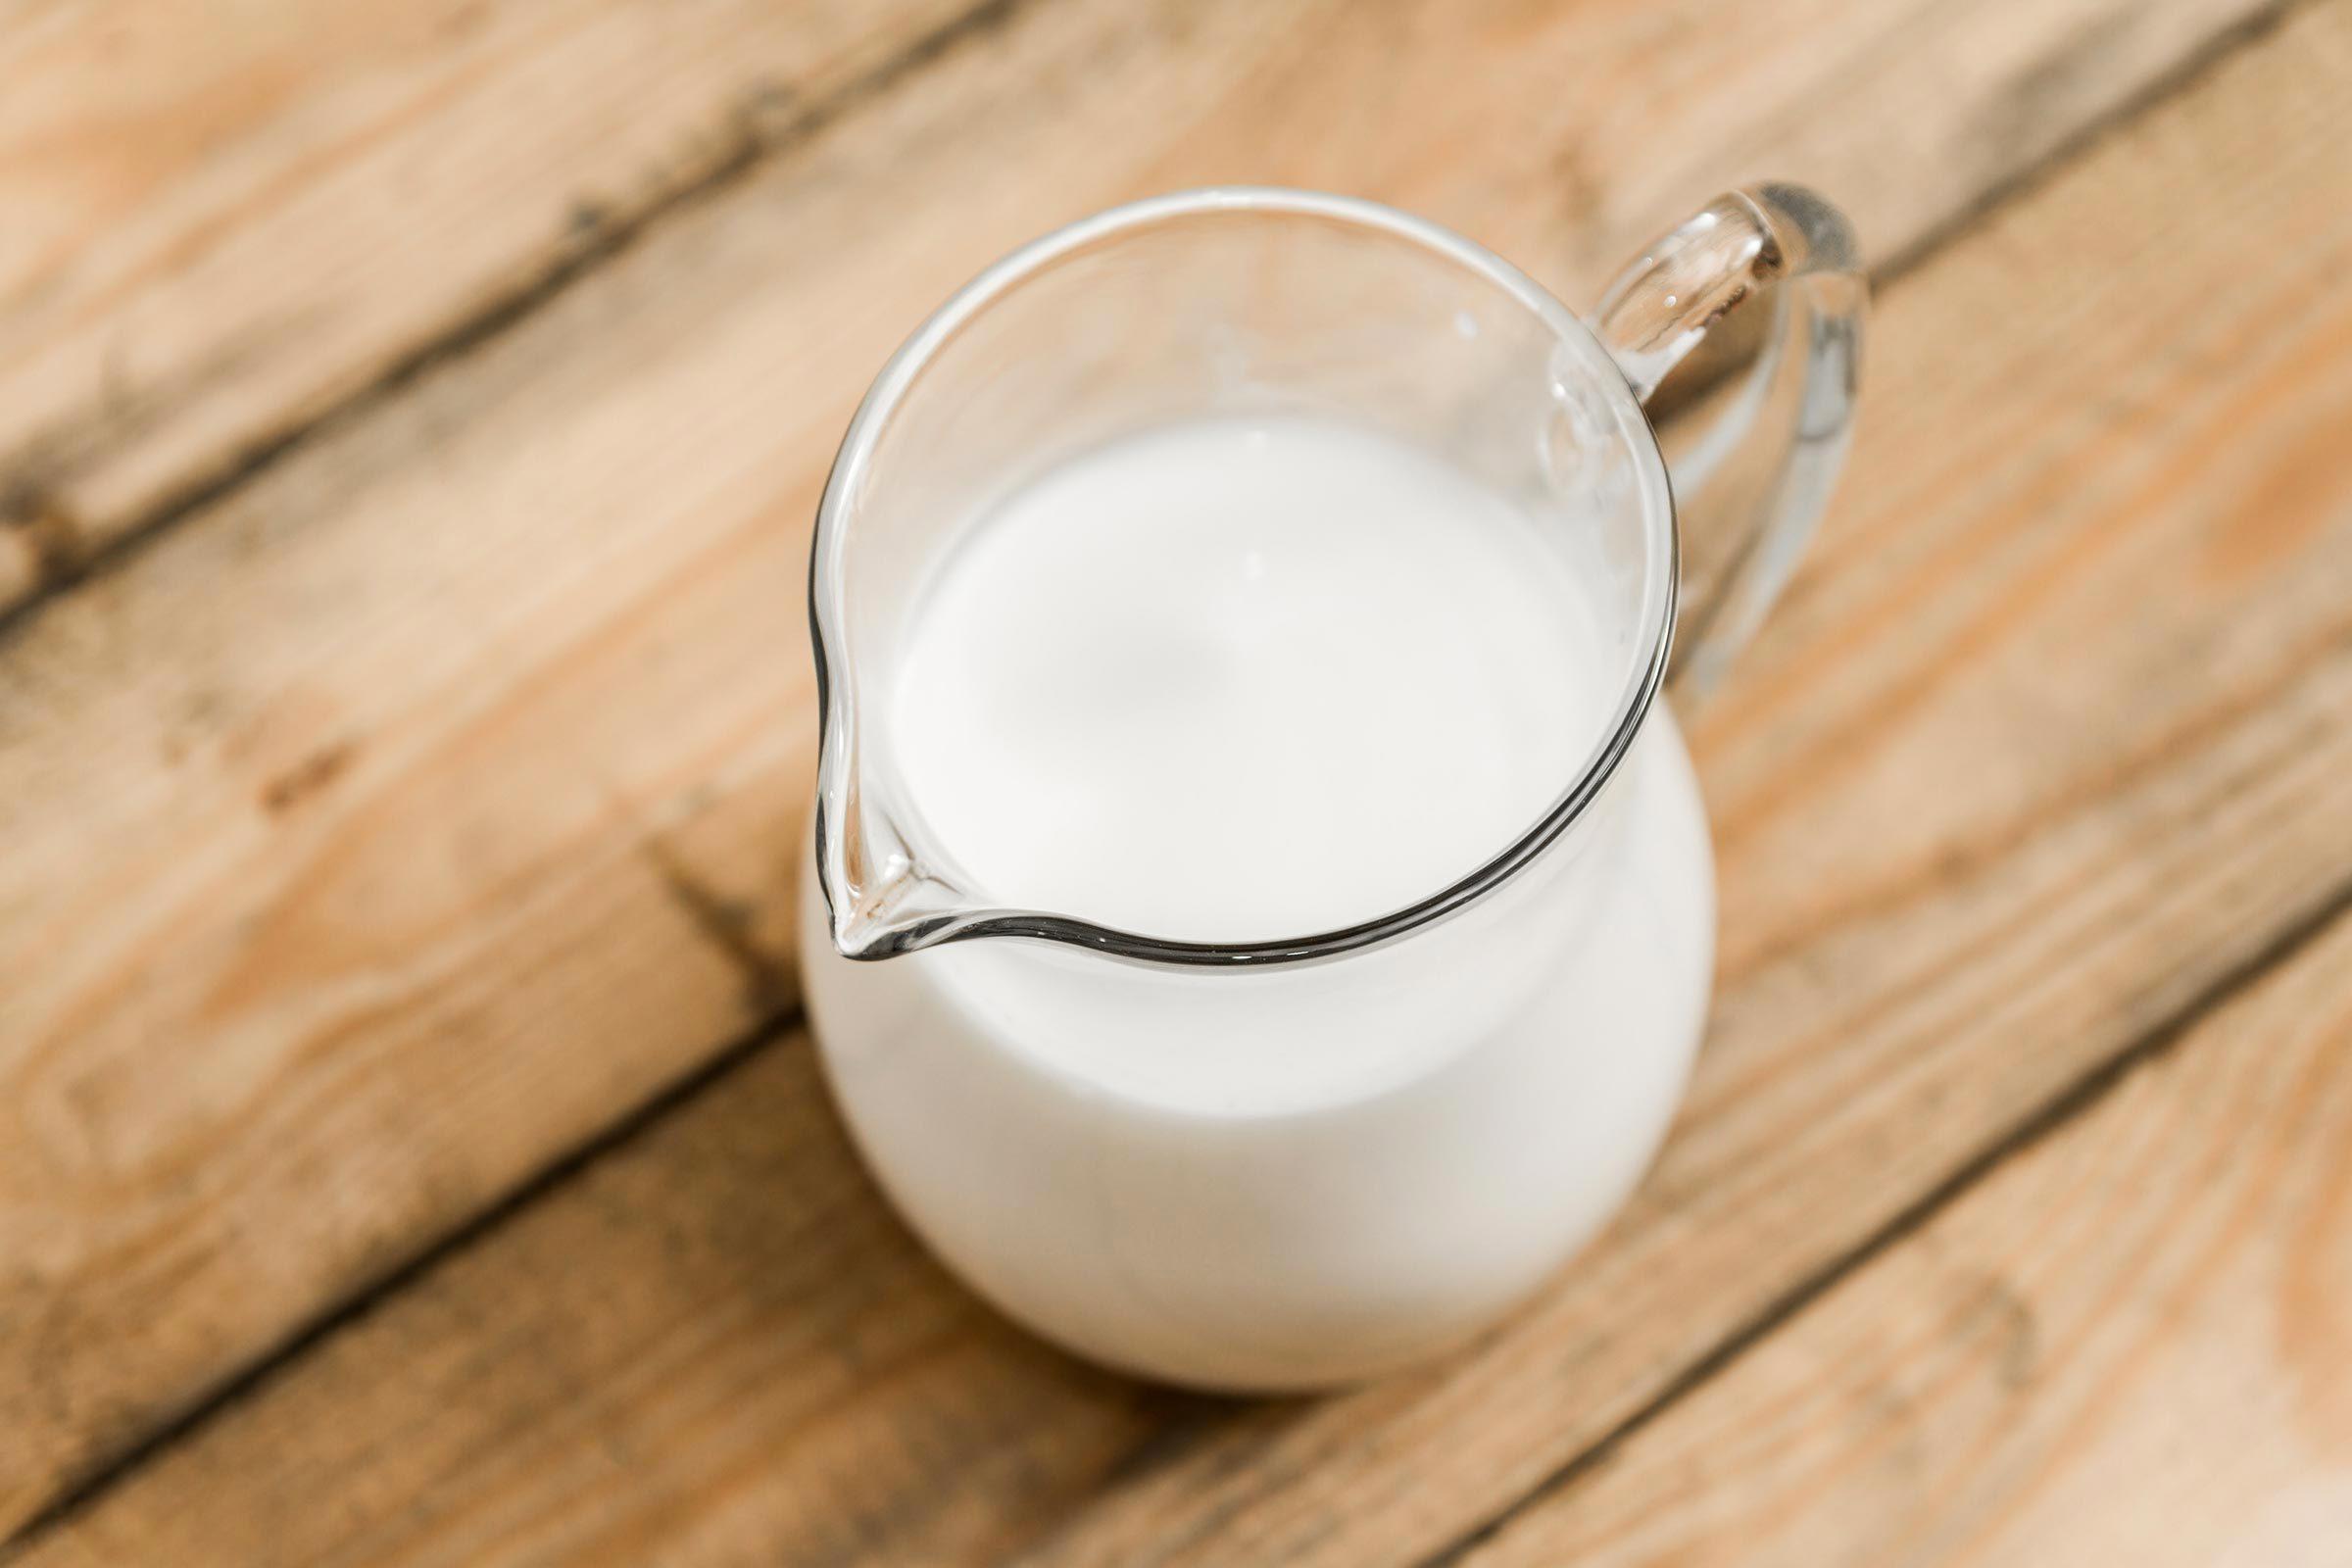 L'arthrite peut être déclenchée par le gluten, les produits laitiers, le soja et le maïs.